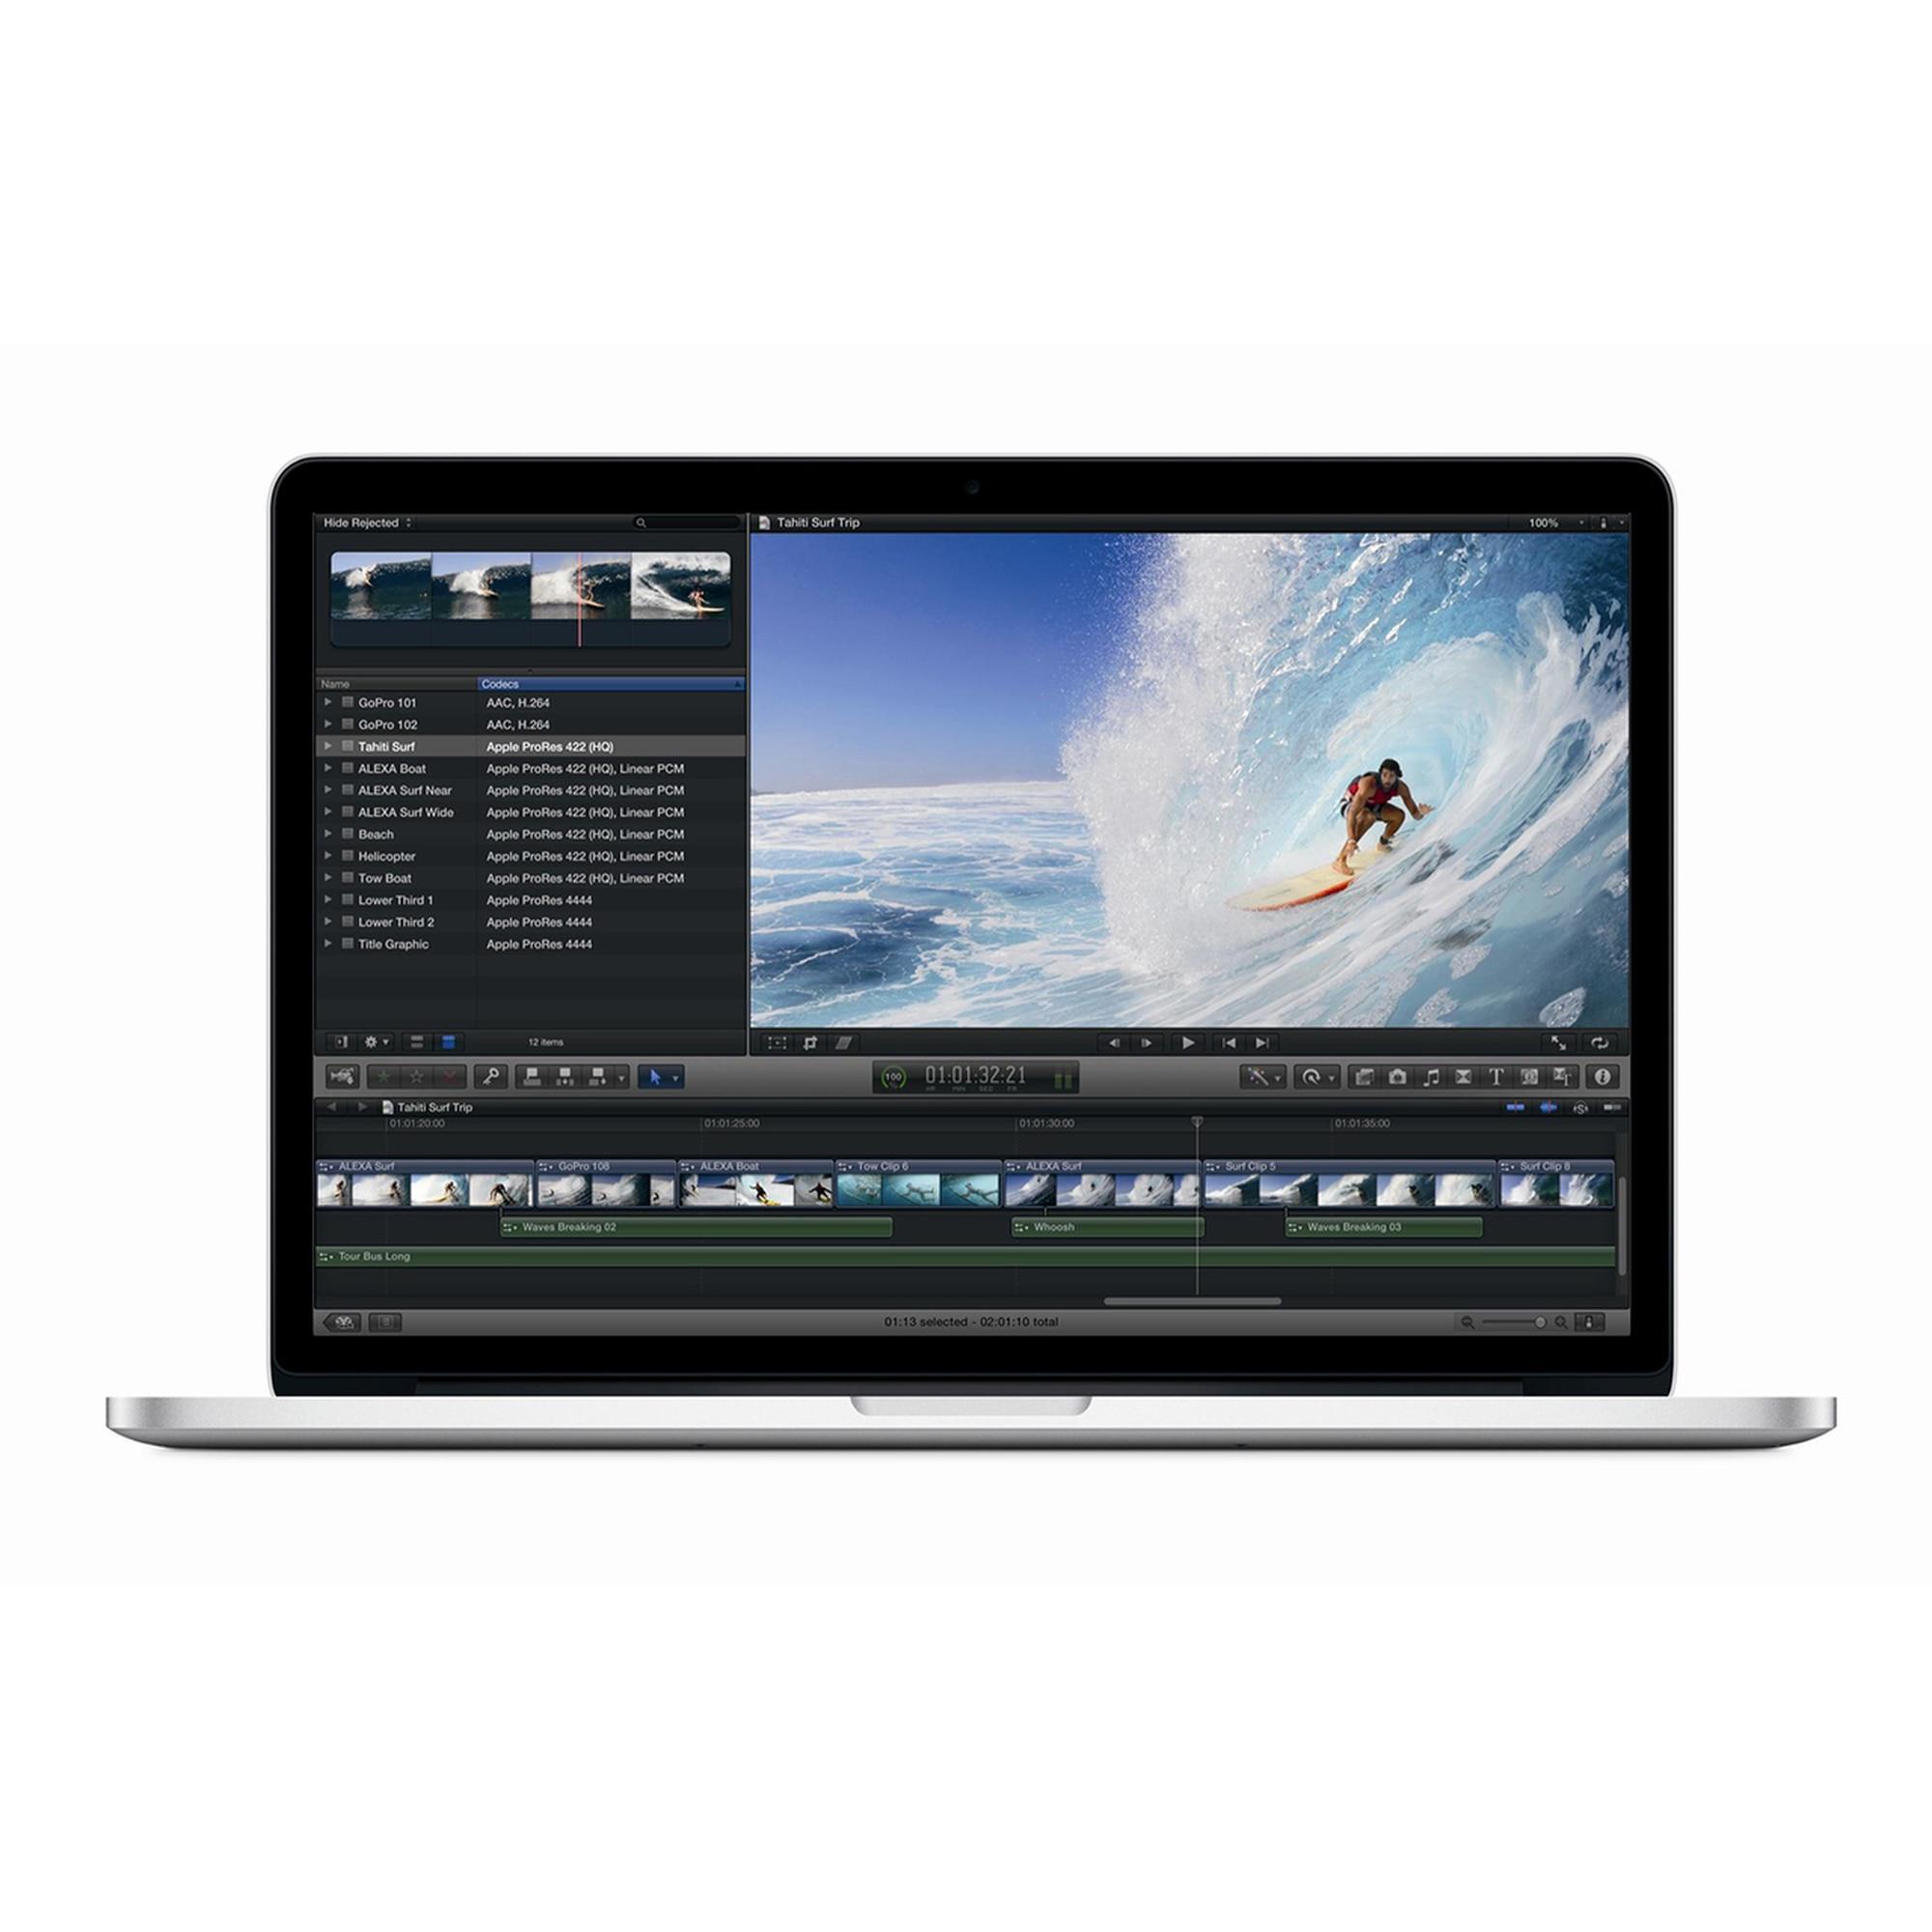 MacBook Pro Retina 15,4-tum (2014) - Core i7 - 16GB - SSD 256 GB QWERTZ - Tyska